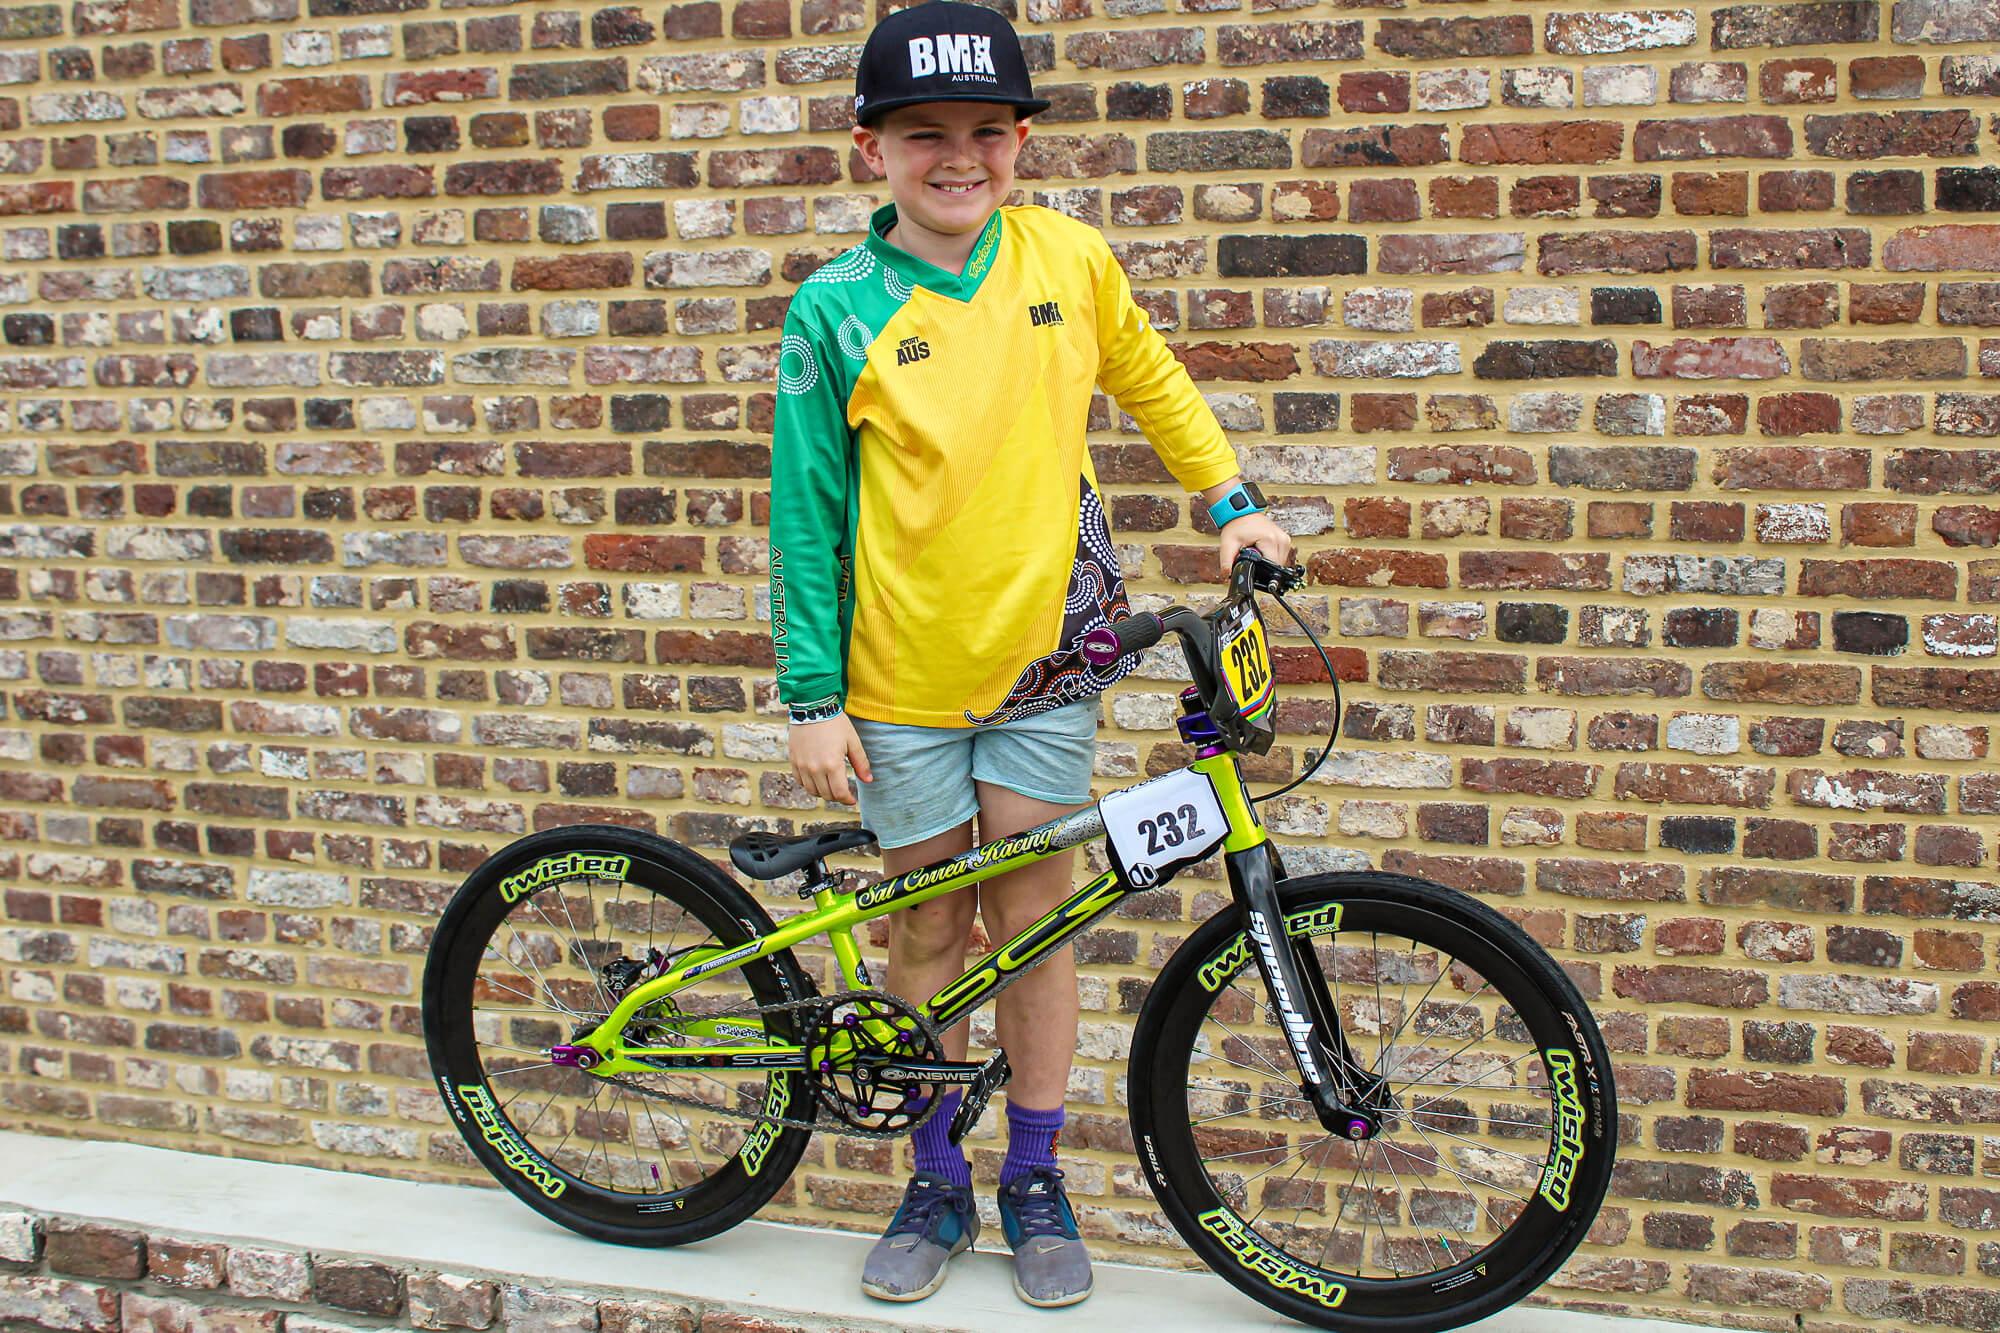 Fergus Wiggins AUS - Vic Wiggins